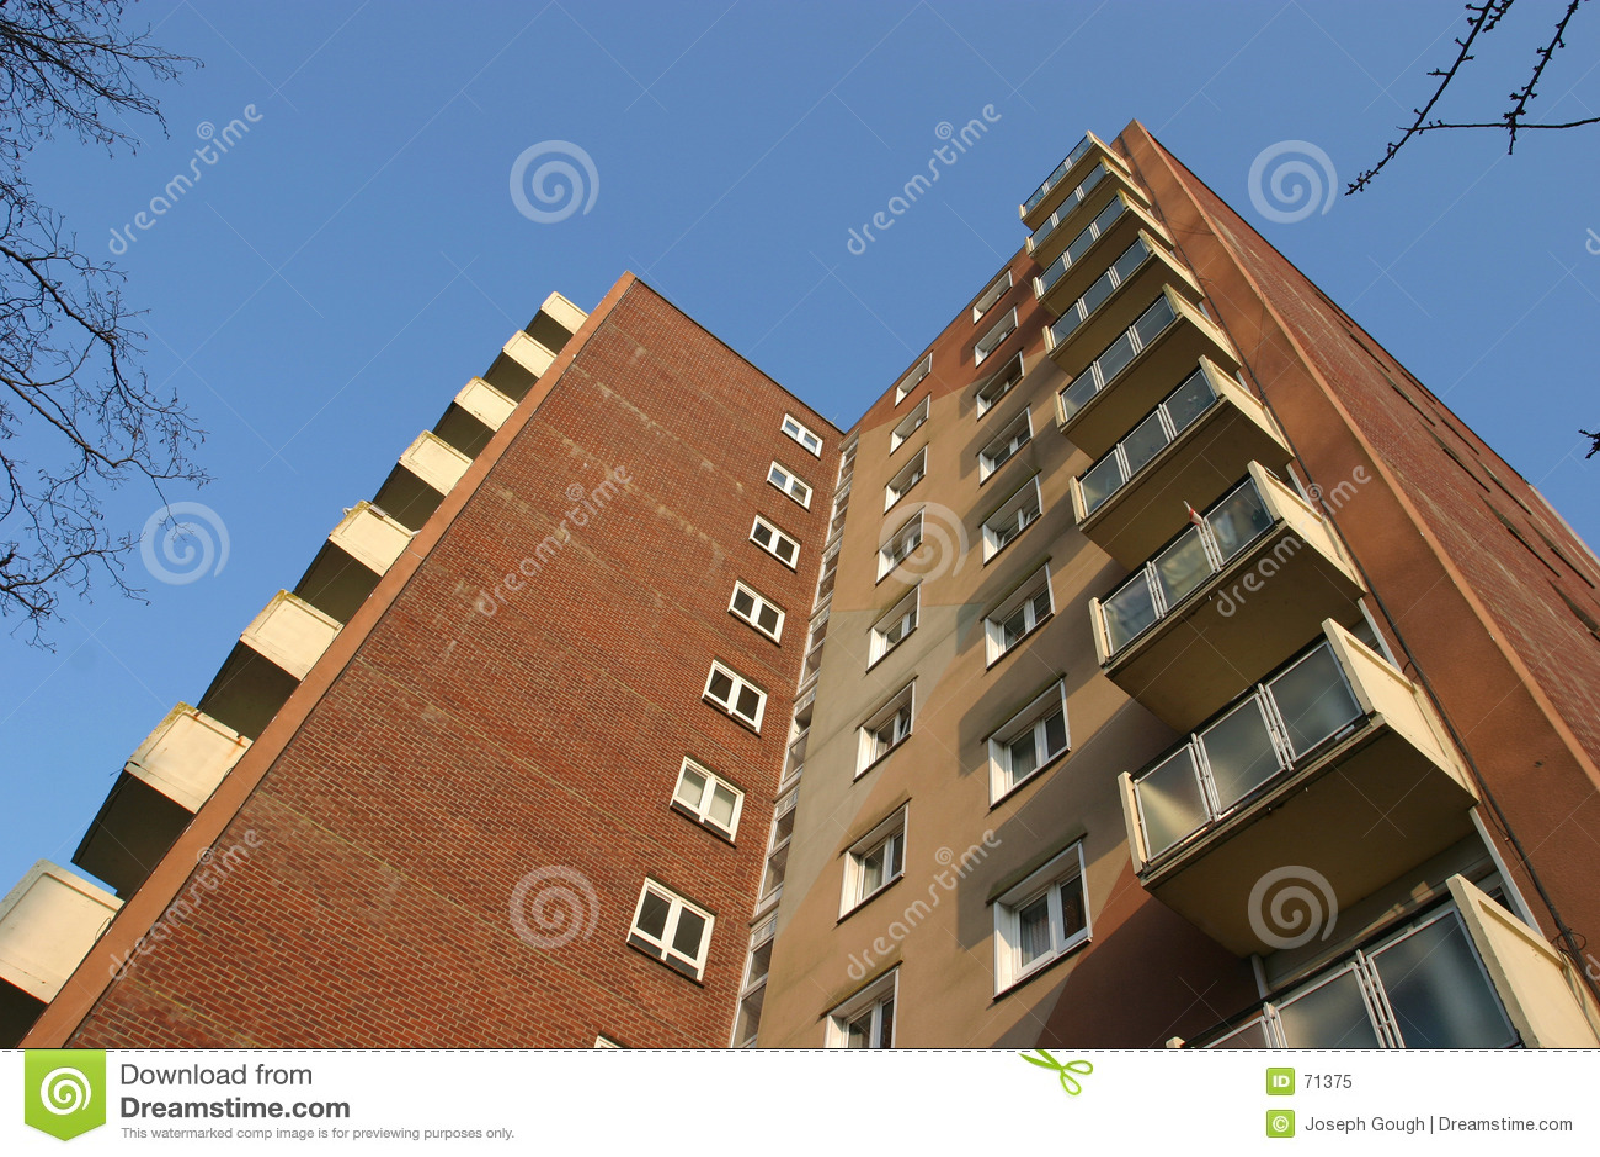 Density hign housing